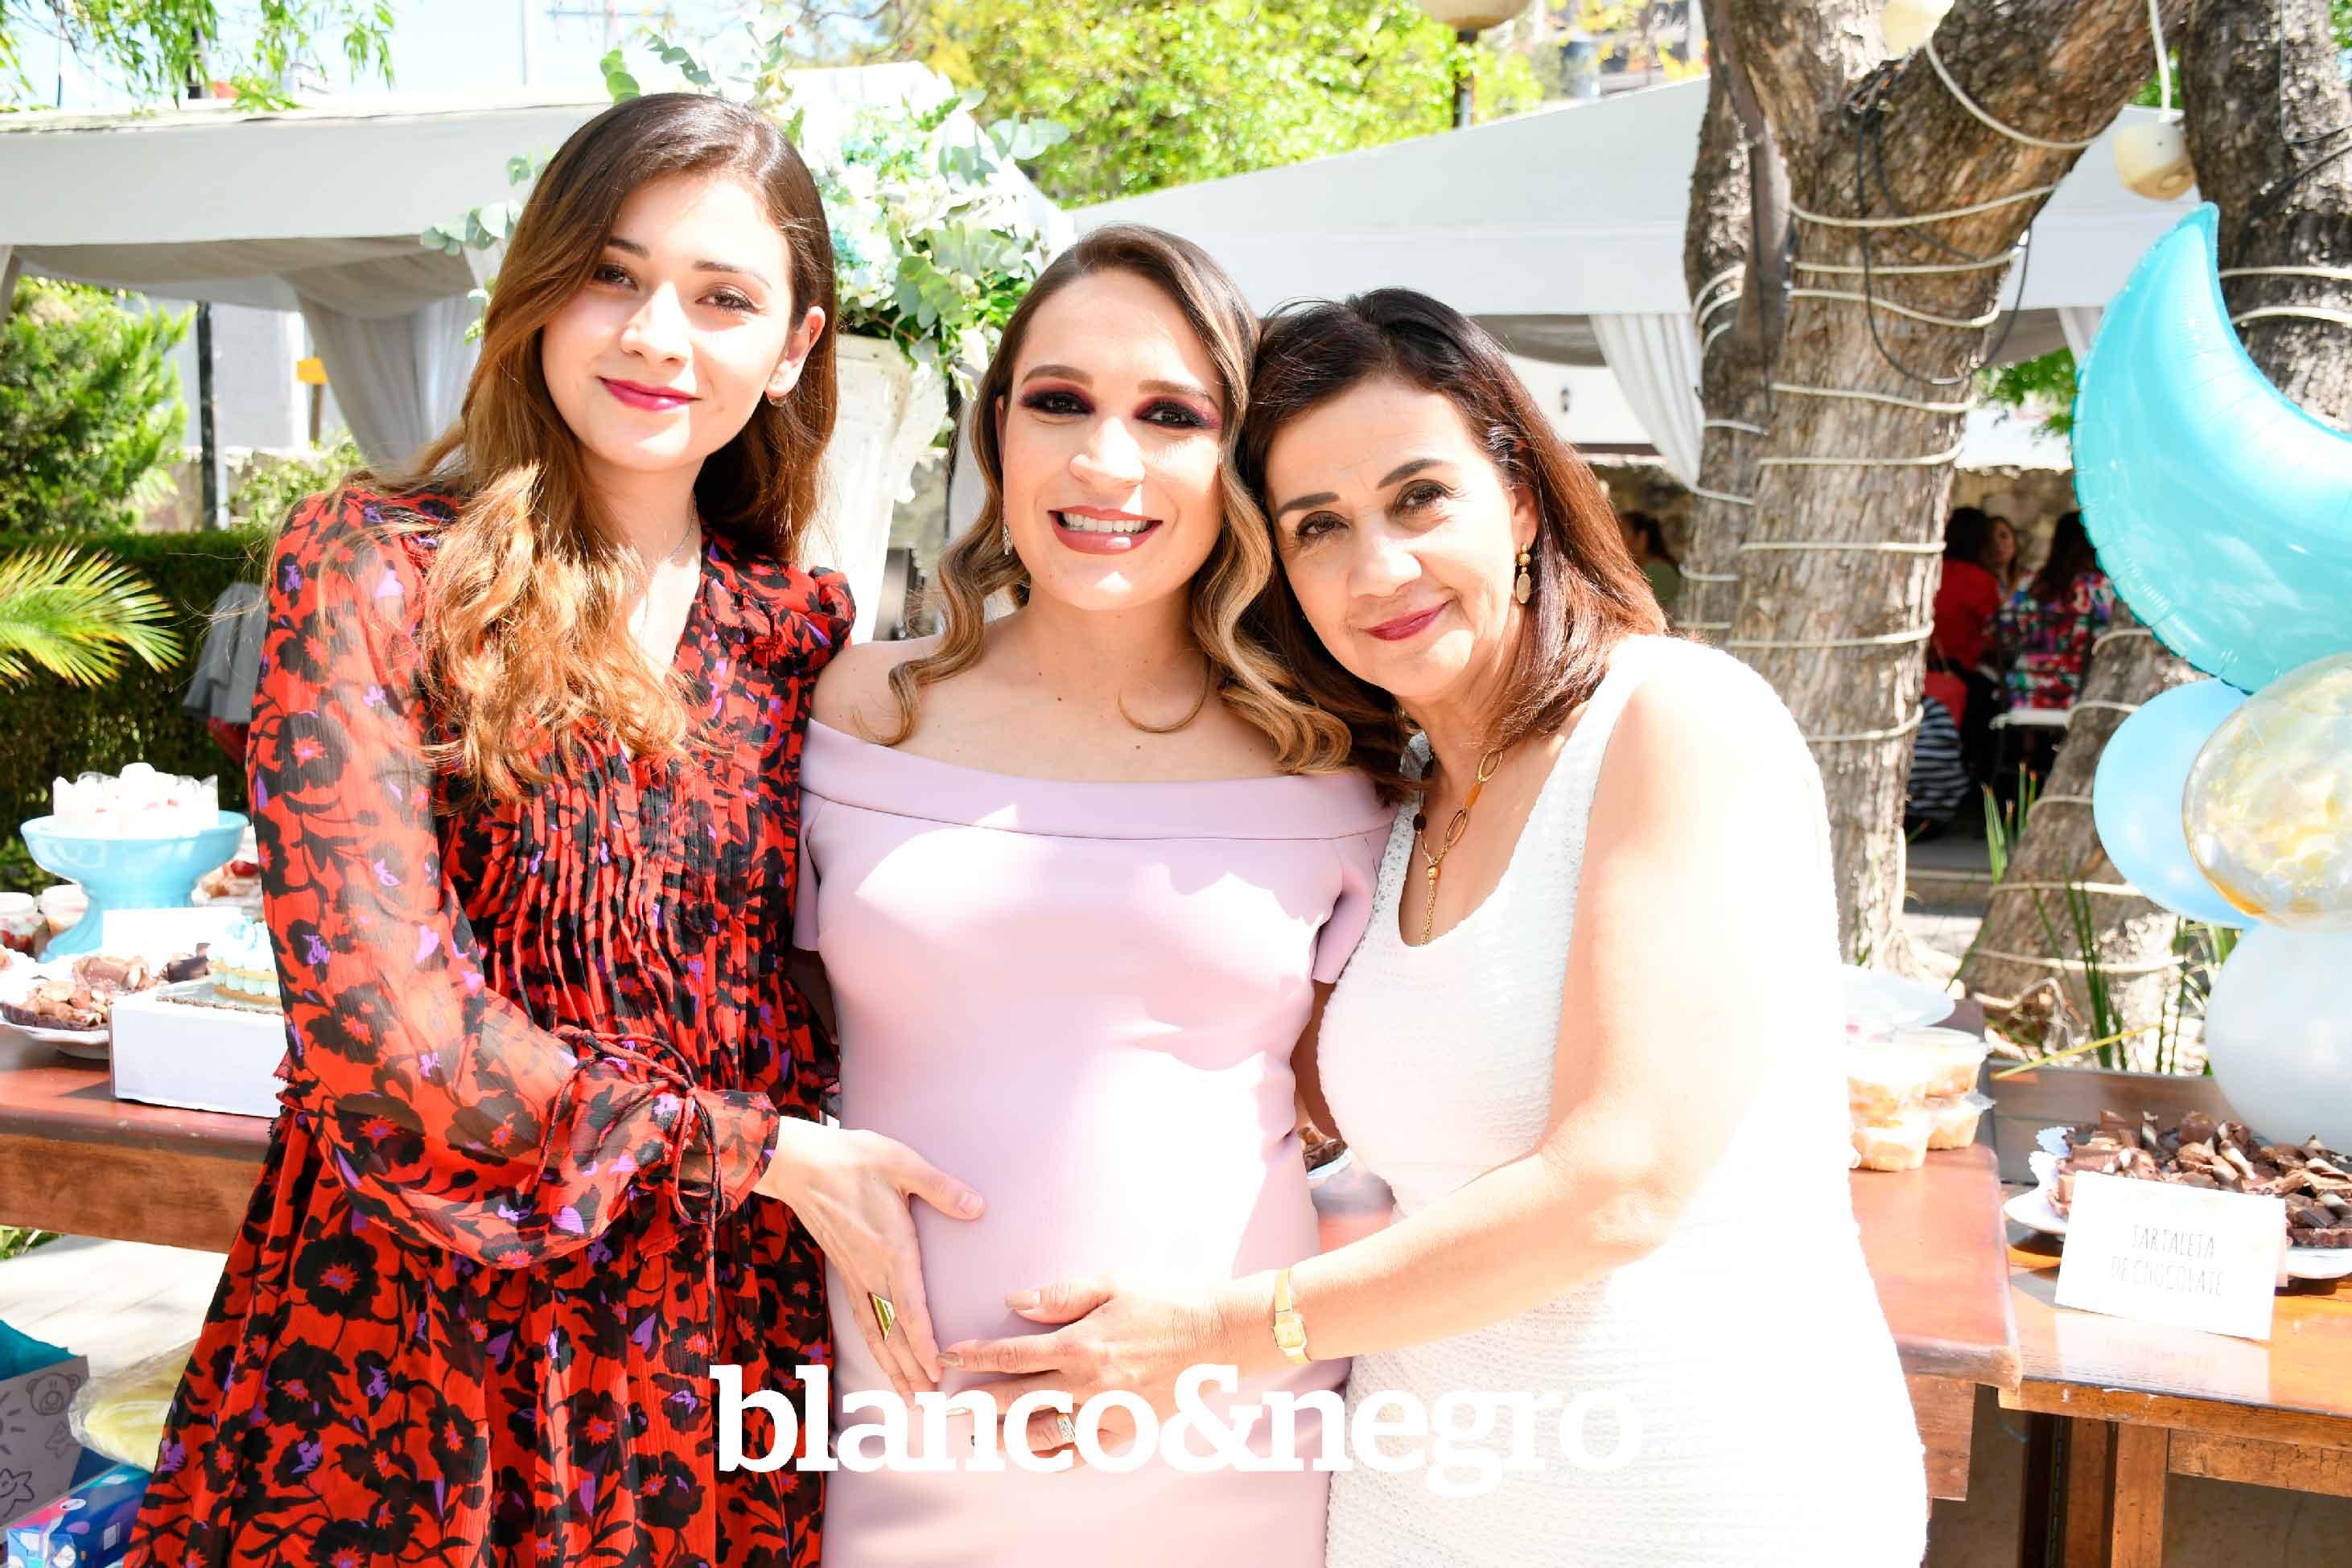 Baby-Brenda-164